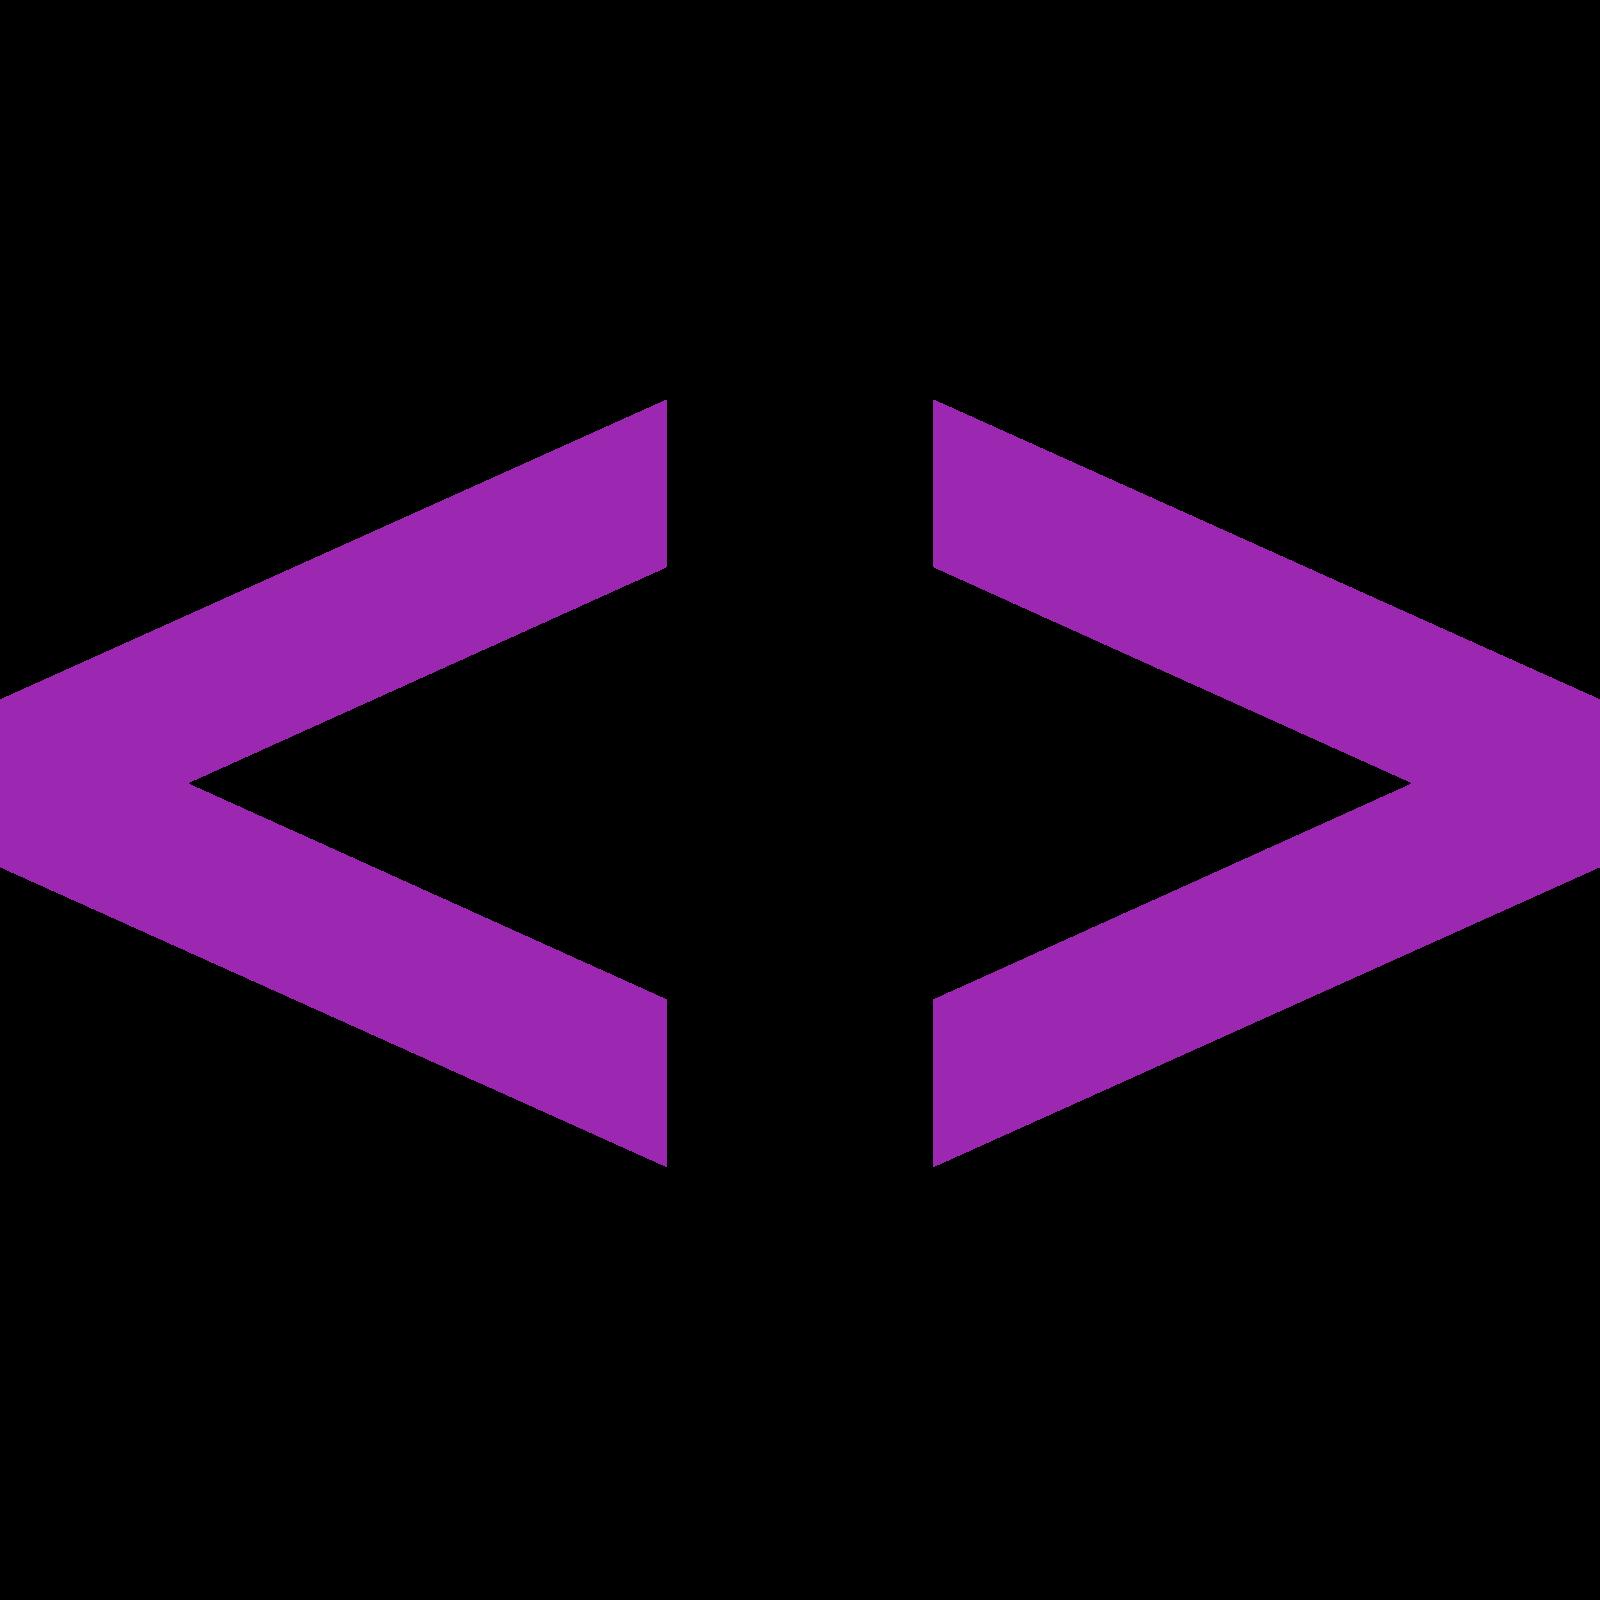 数学平均 icon. The icon looks very similar to a square that has been rotated 45 degrees in the shape of a diamond.  The square was then split from the top corner to the bottom corner and the two pieces were pulled apart.